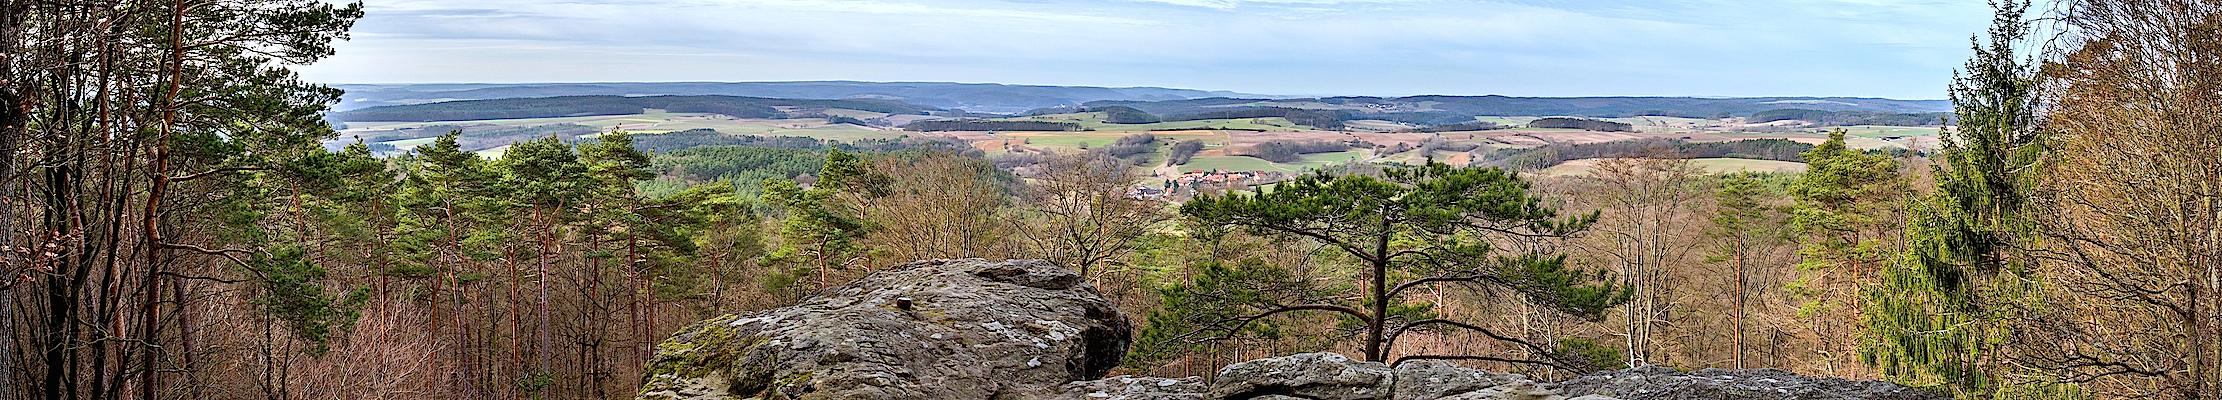 18 февраля (03 марта) 2018. Вайтенштайн в природном парке Хассберге, Бавария, Германия.